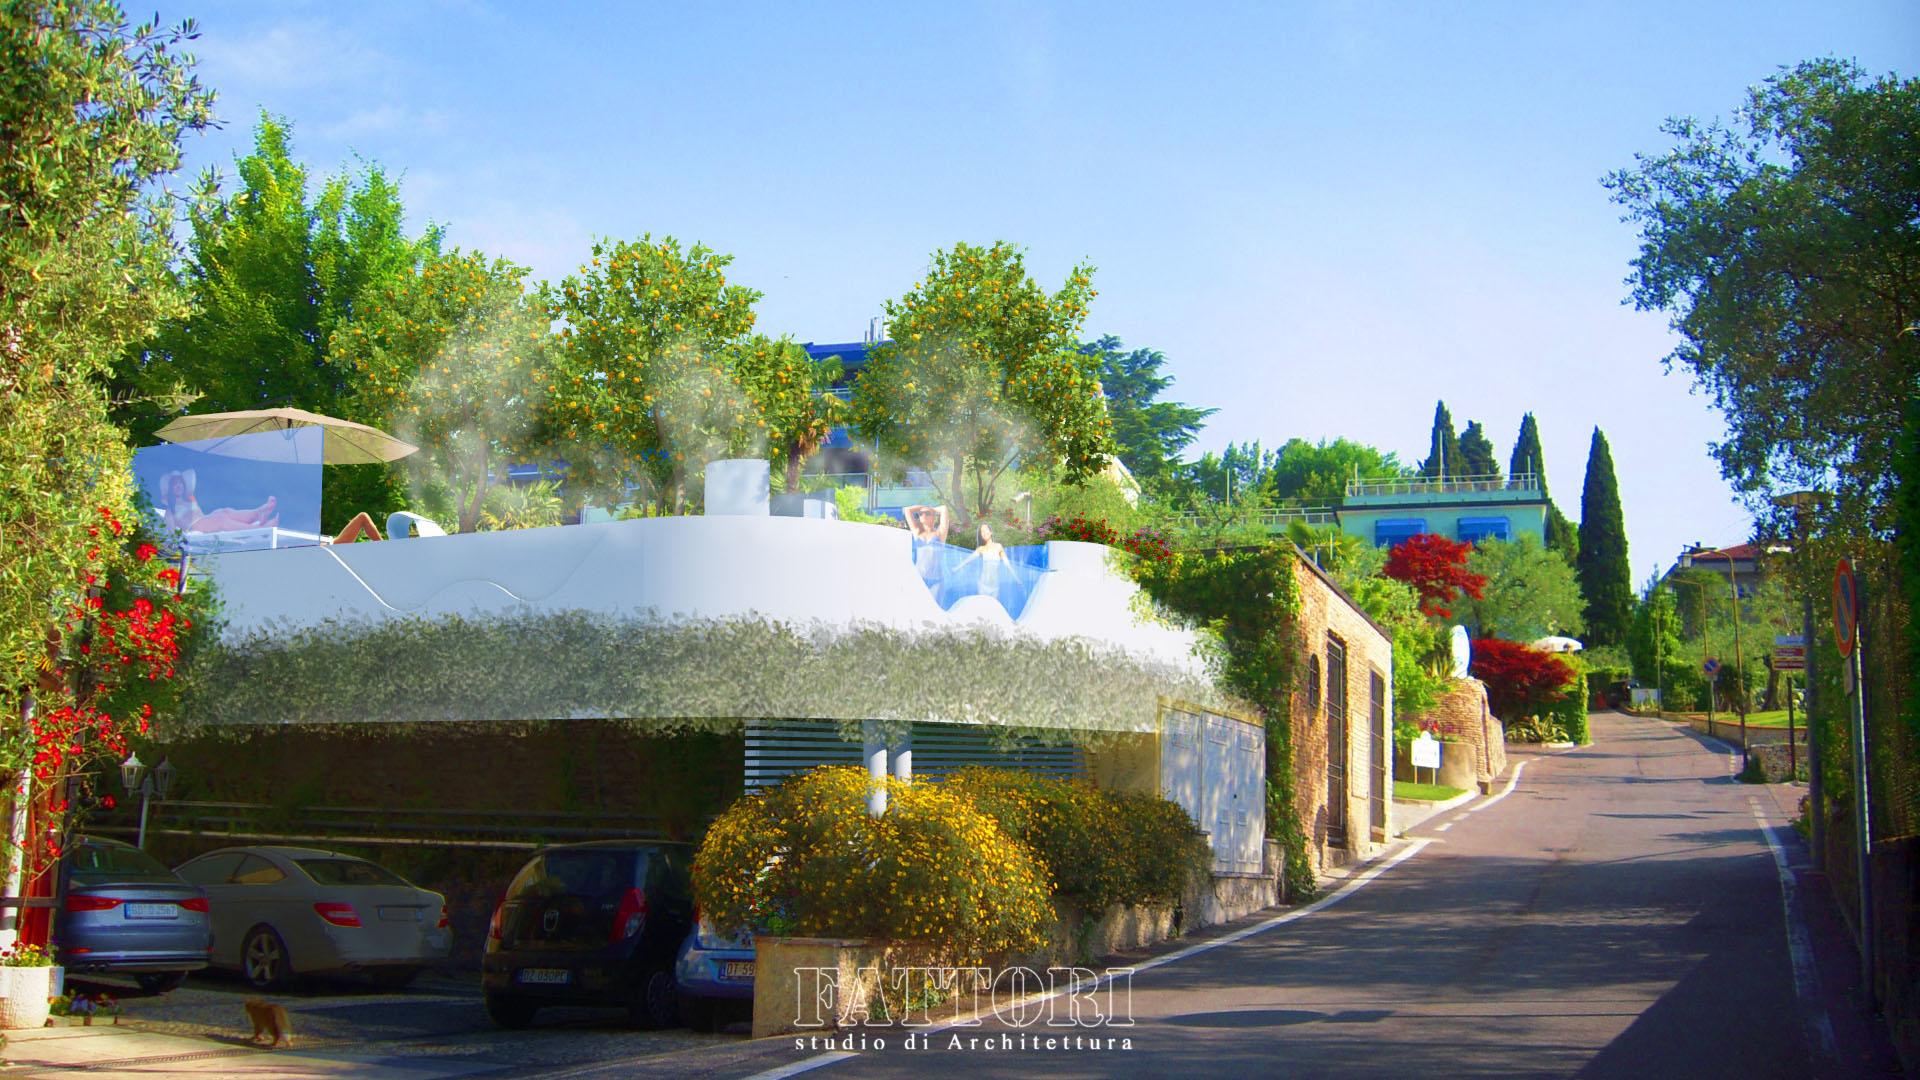 Studio di Architettura Fattori Fausto - Hotel Serenella Sirmione - proposta copertura parcheggio e SPA